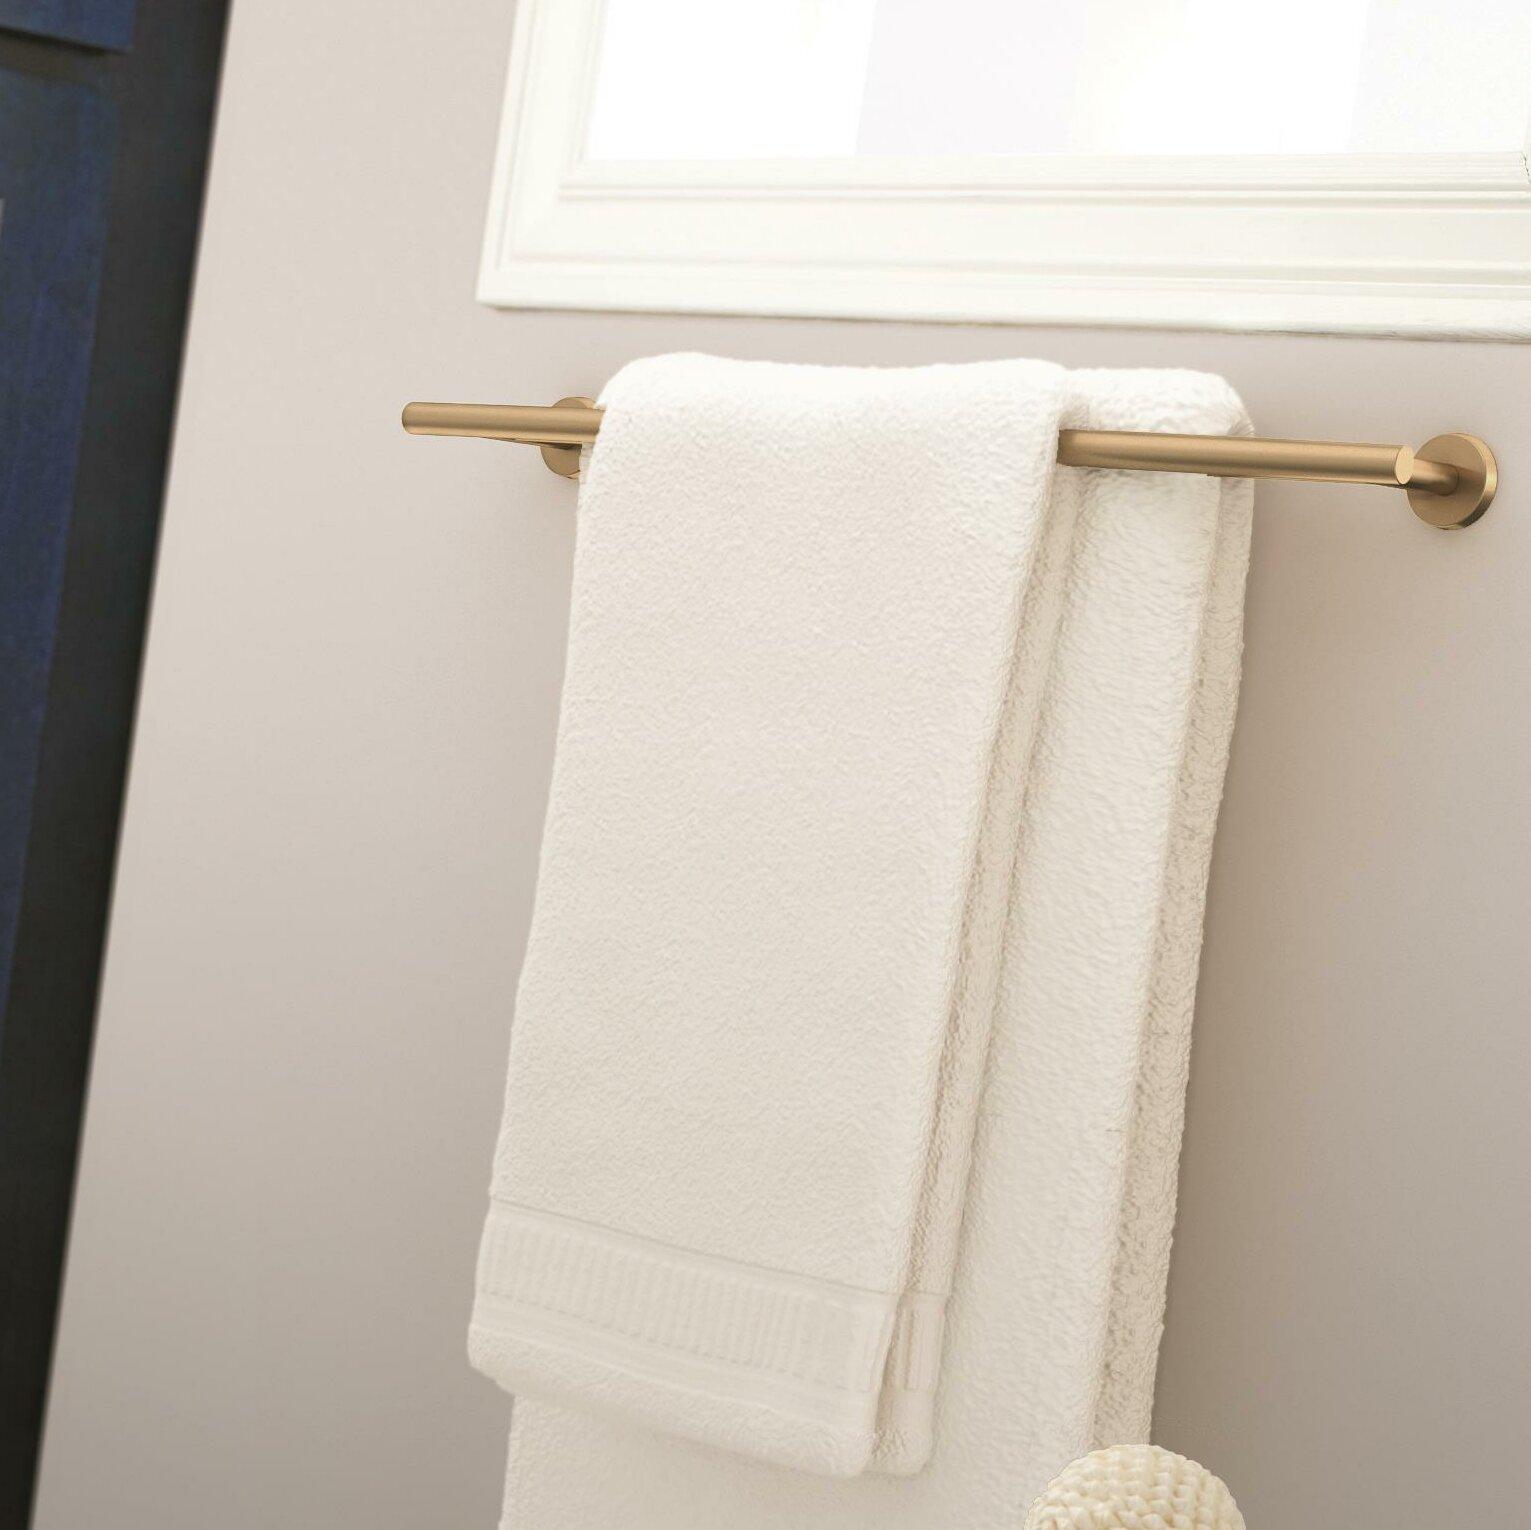 Arrondi™ Double Wall Mounted Towel Bar